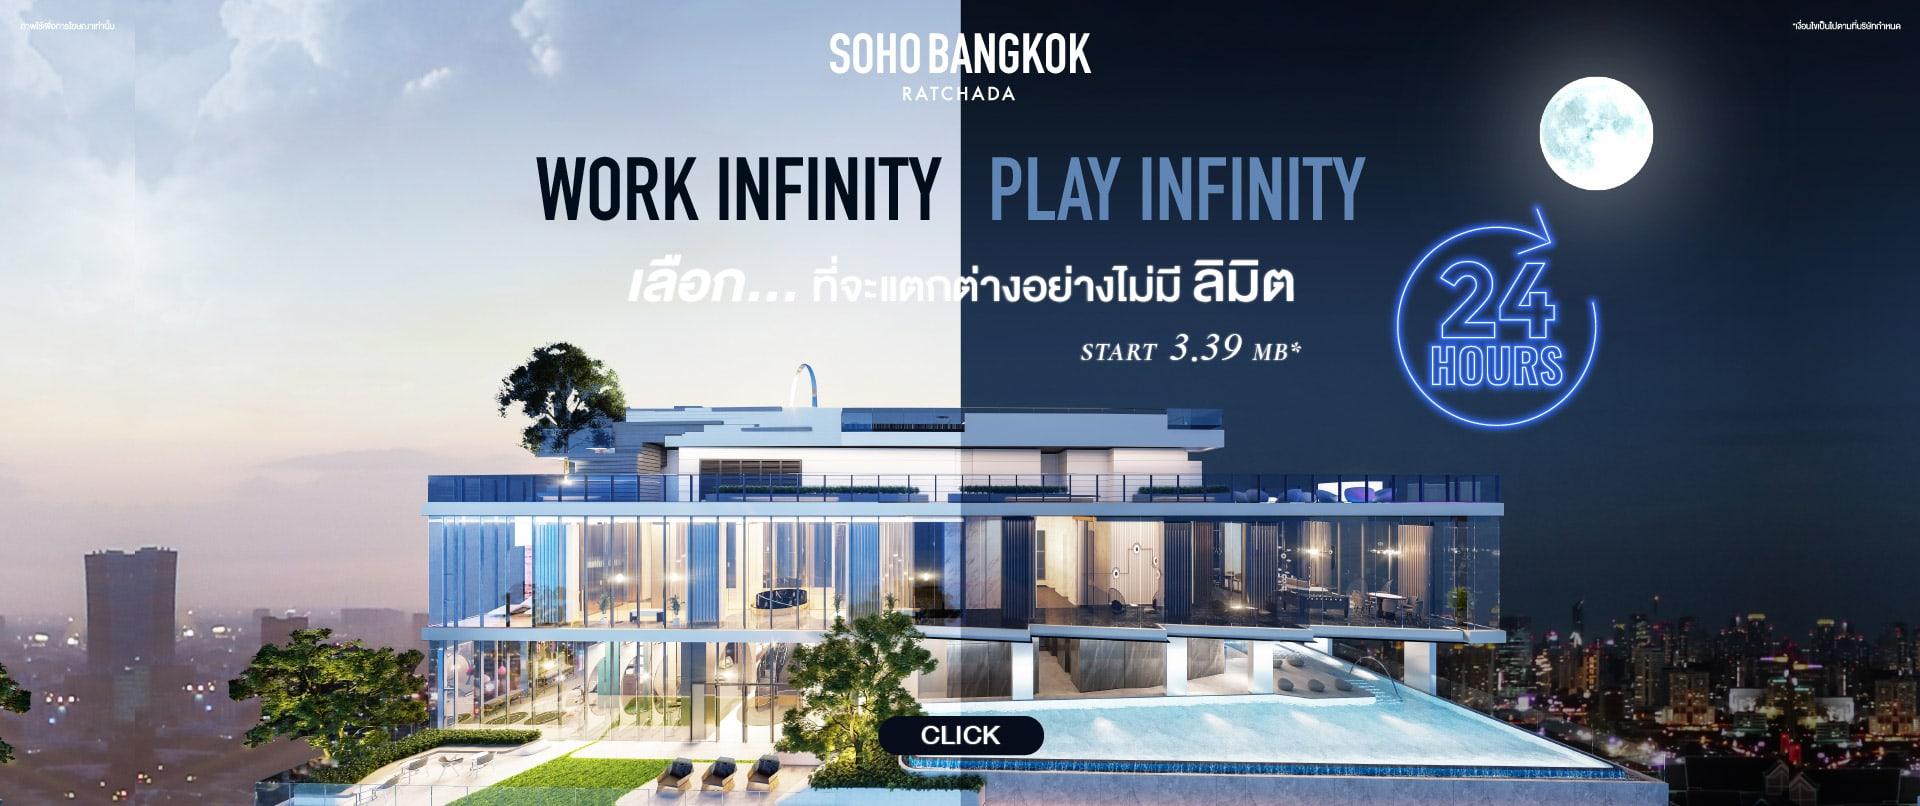 SOHO Bangkok รัชดา